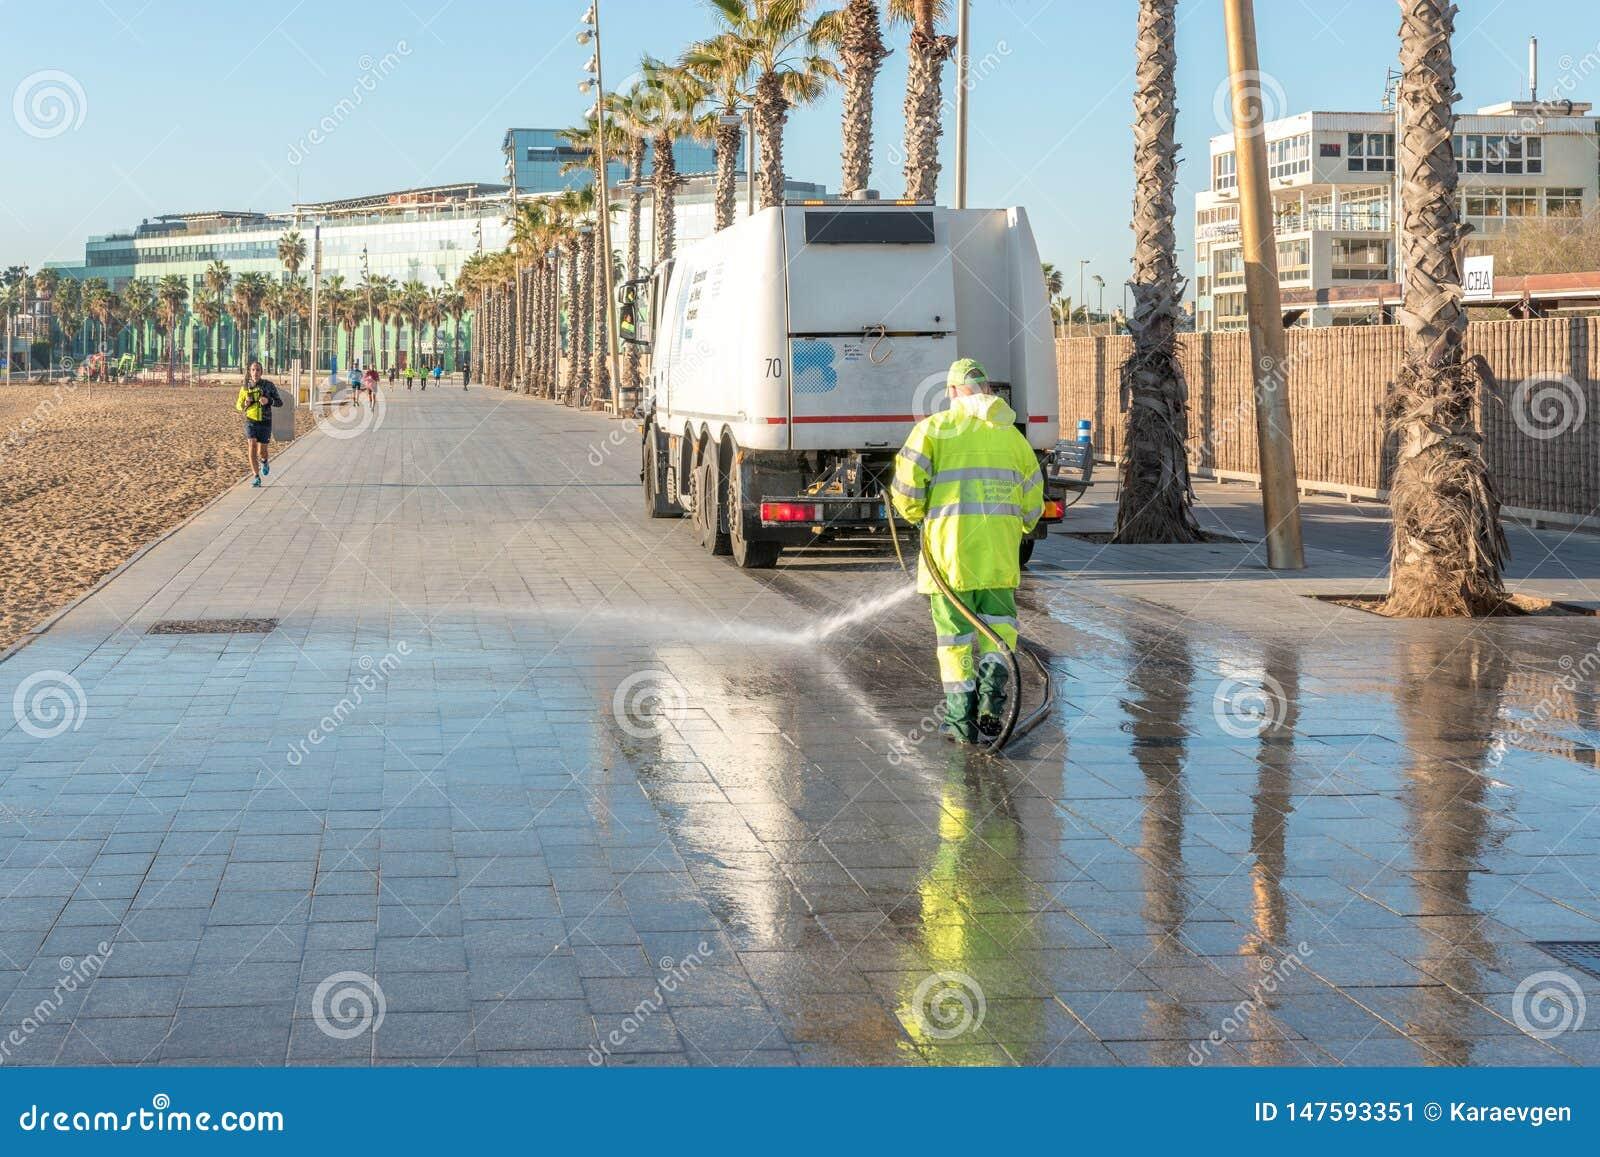 BARCELLONA, SPAGNA - 17 marzo 2019: Pulizia bagnata della via con acqua pressurizzata